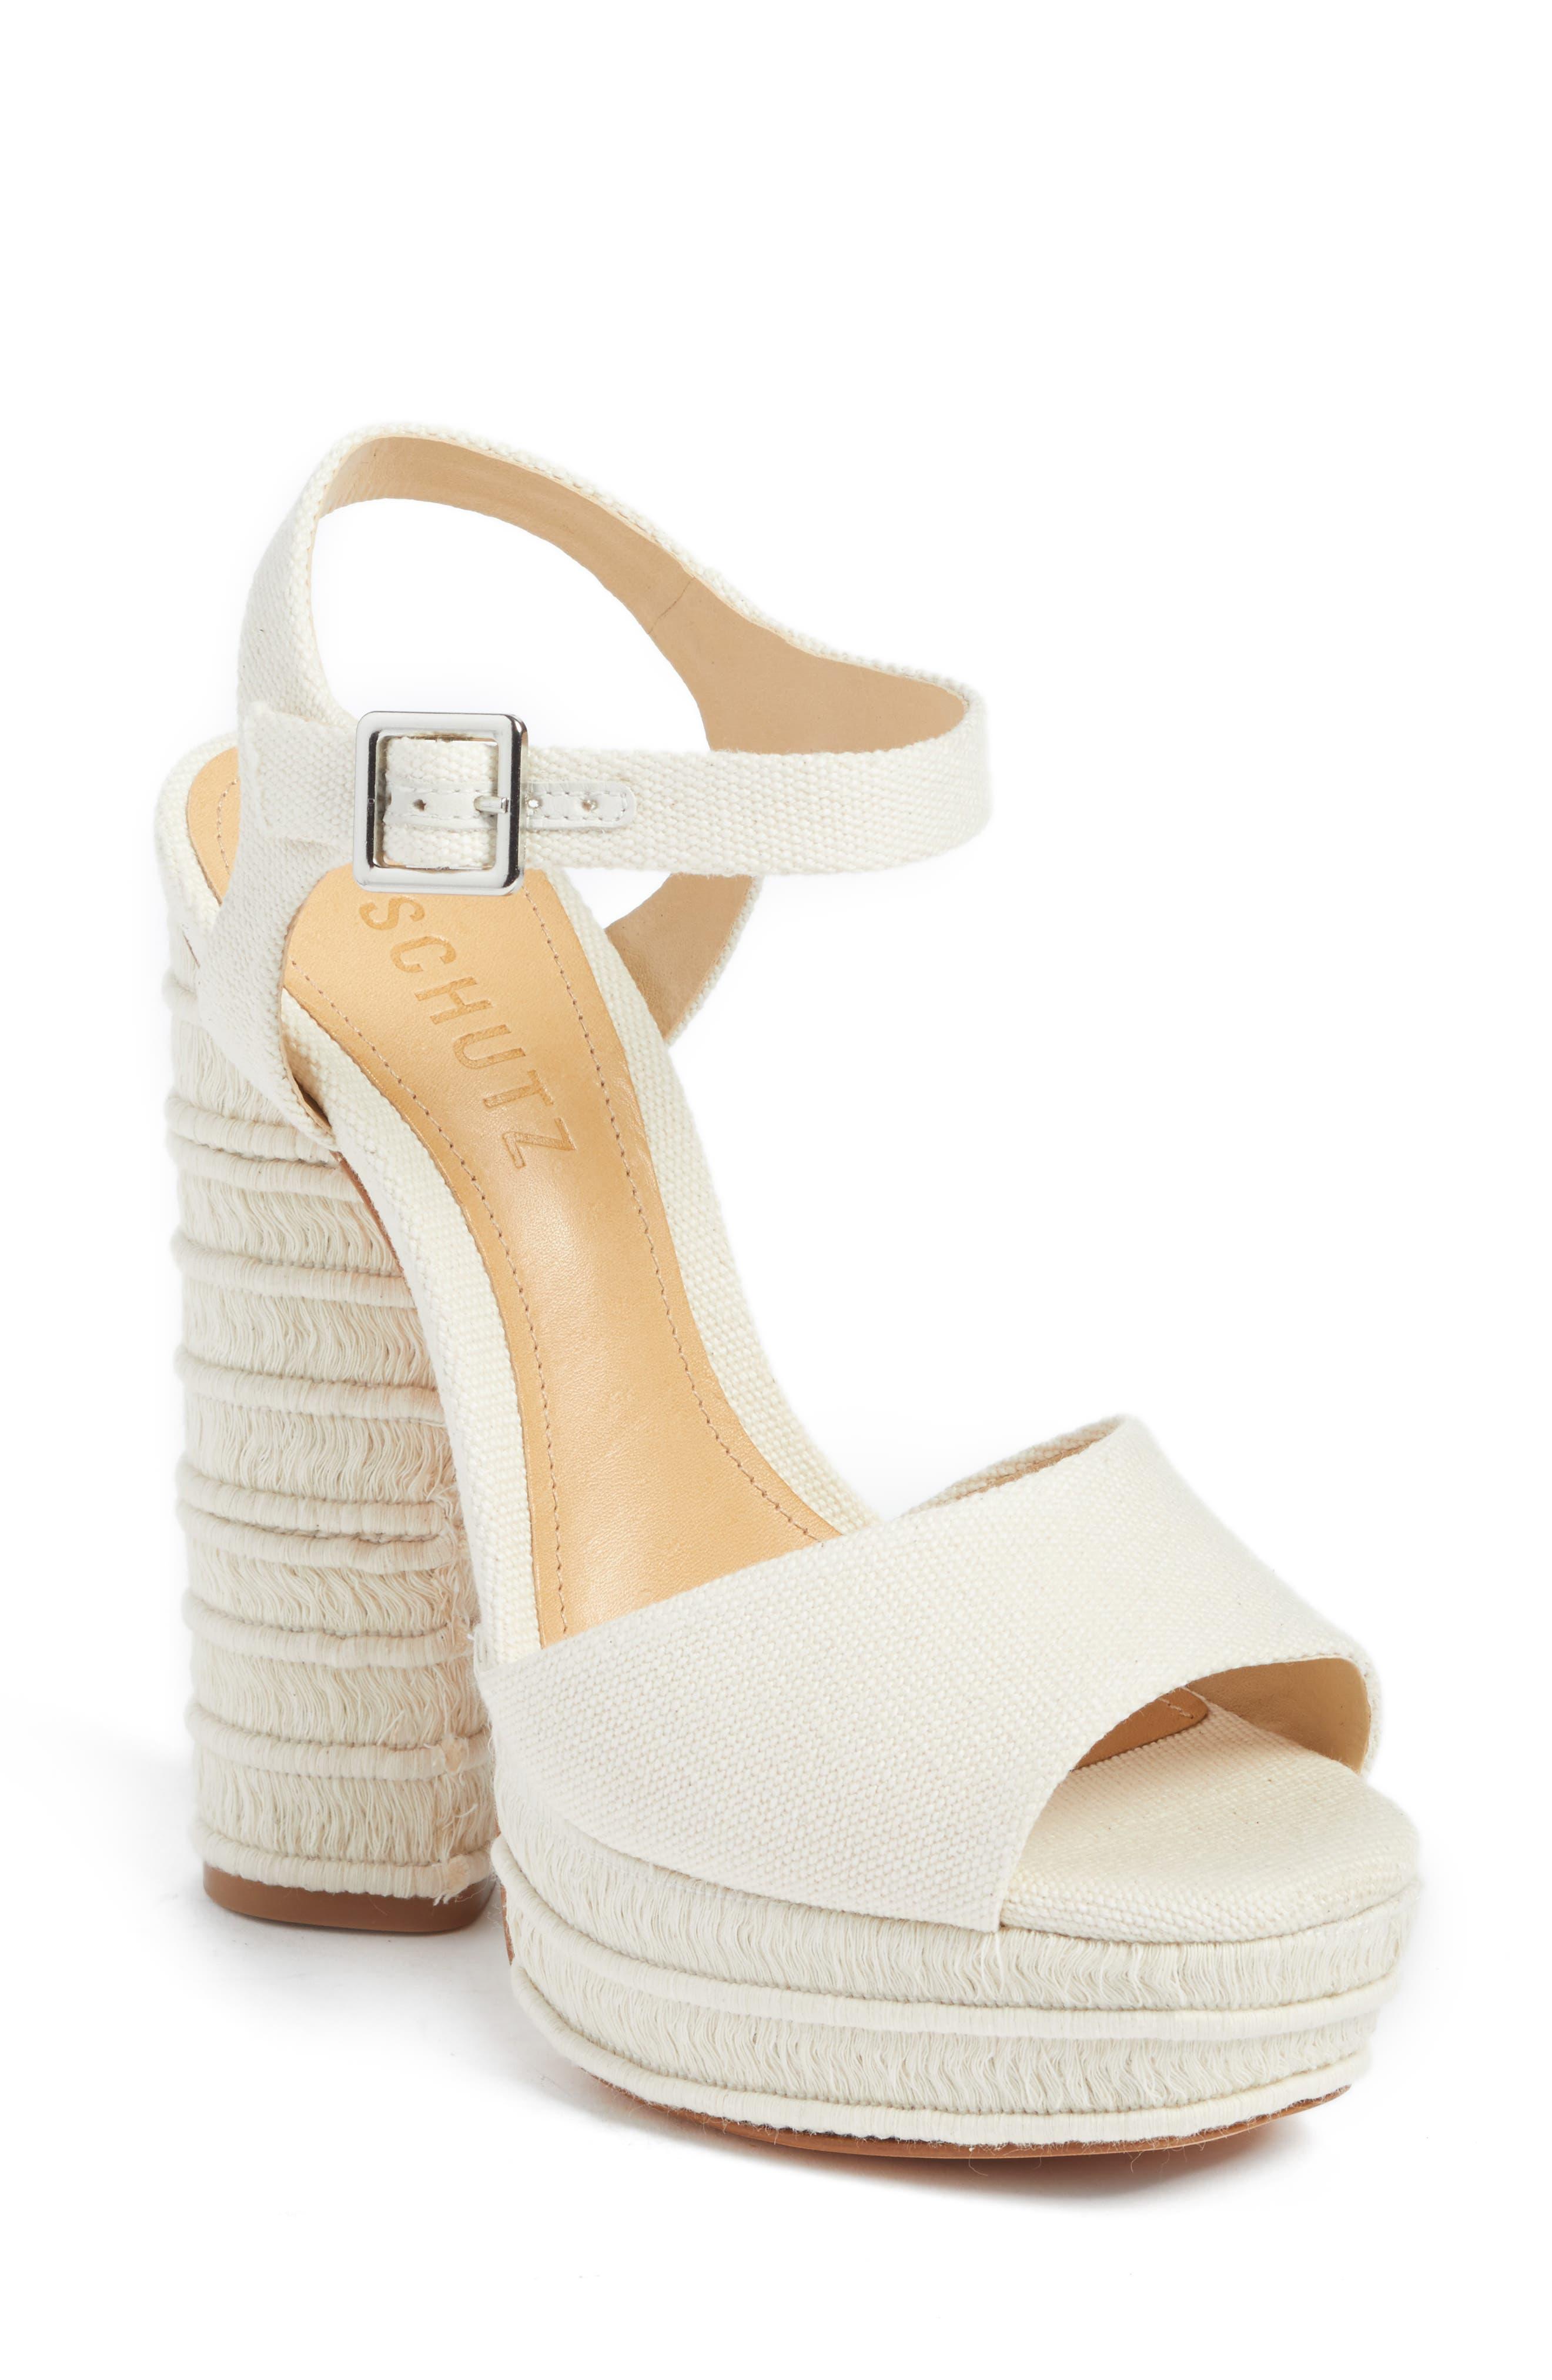 Jane Platform Sandal,                         Main,                         color, Cru